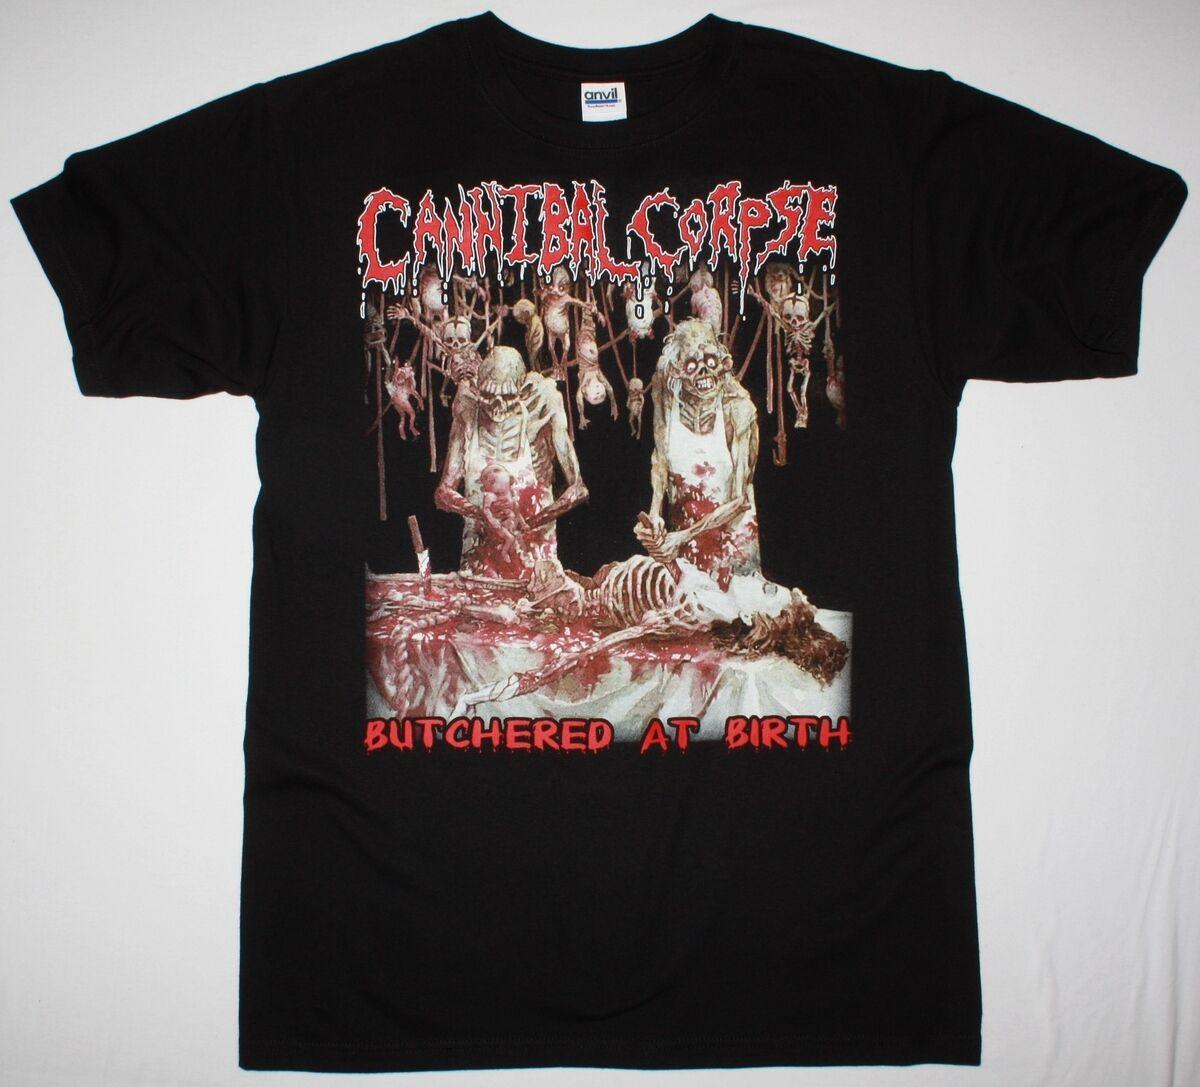 CANNIBAL body butched AT BIRTH 1991 DEATH METAL GRINDCORE nueva camiseta negra hombres marca impresa 100% algodón camiseta